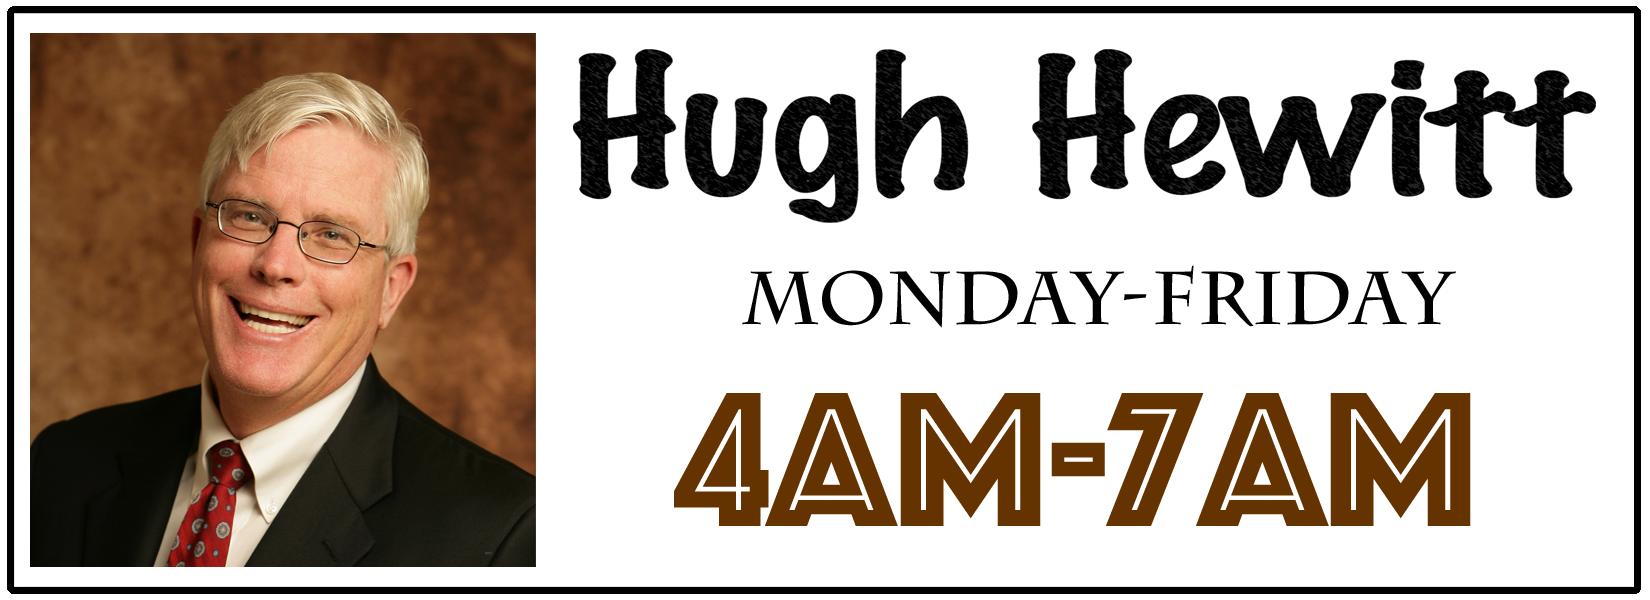 hughprogram